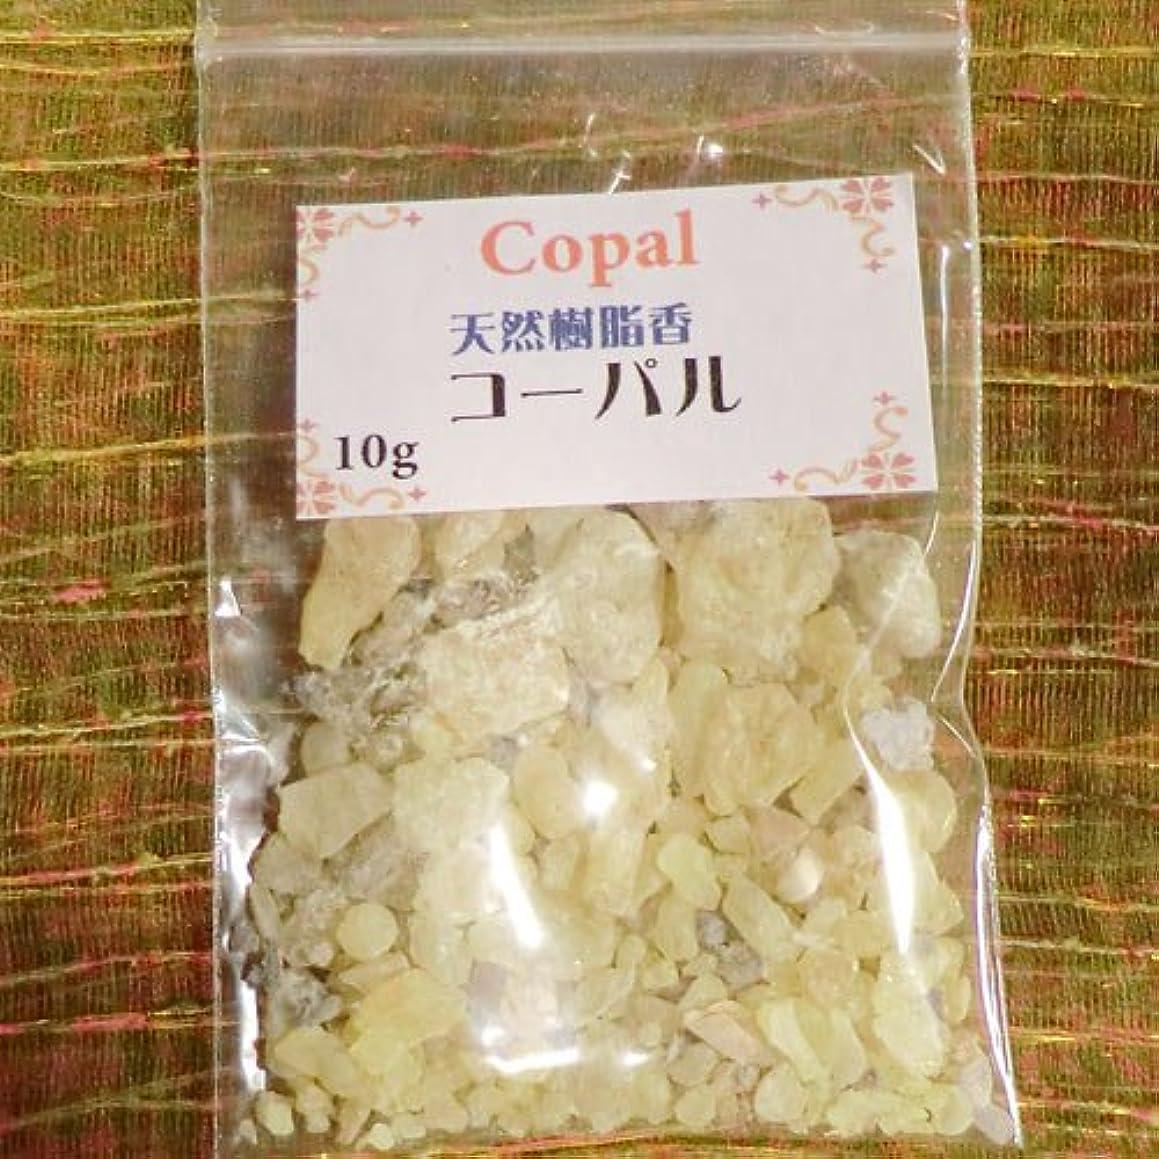 あるフェロー諸島端末コーパル COPAL (天然樹脂香) (コーパル, 10g)